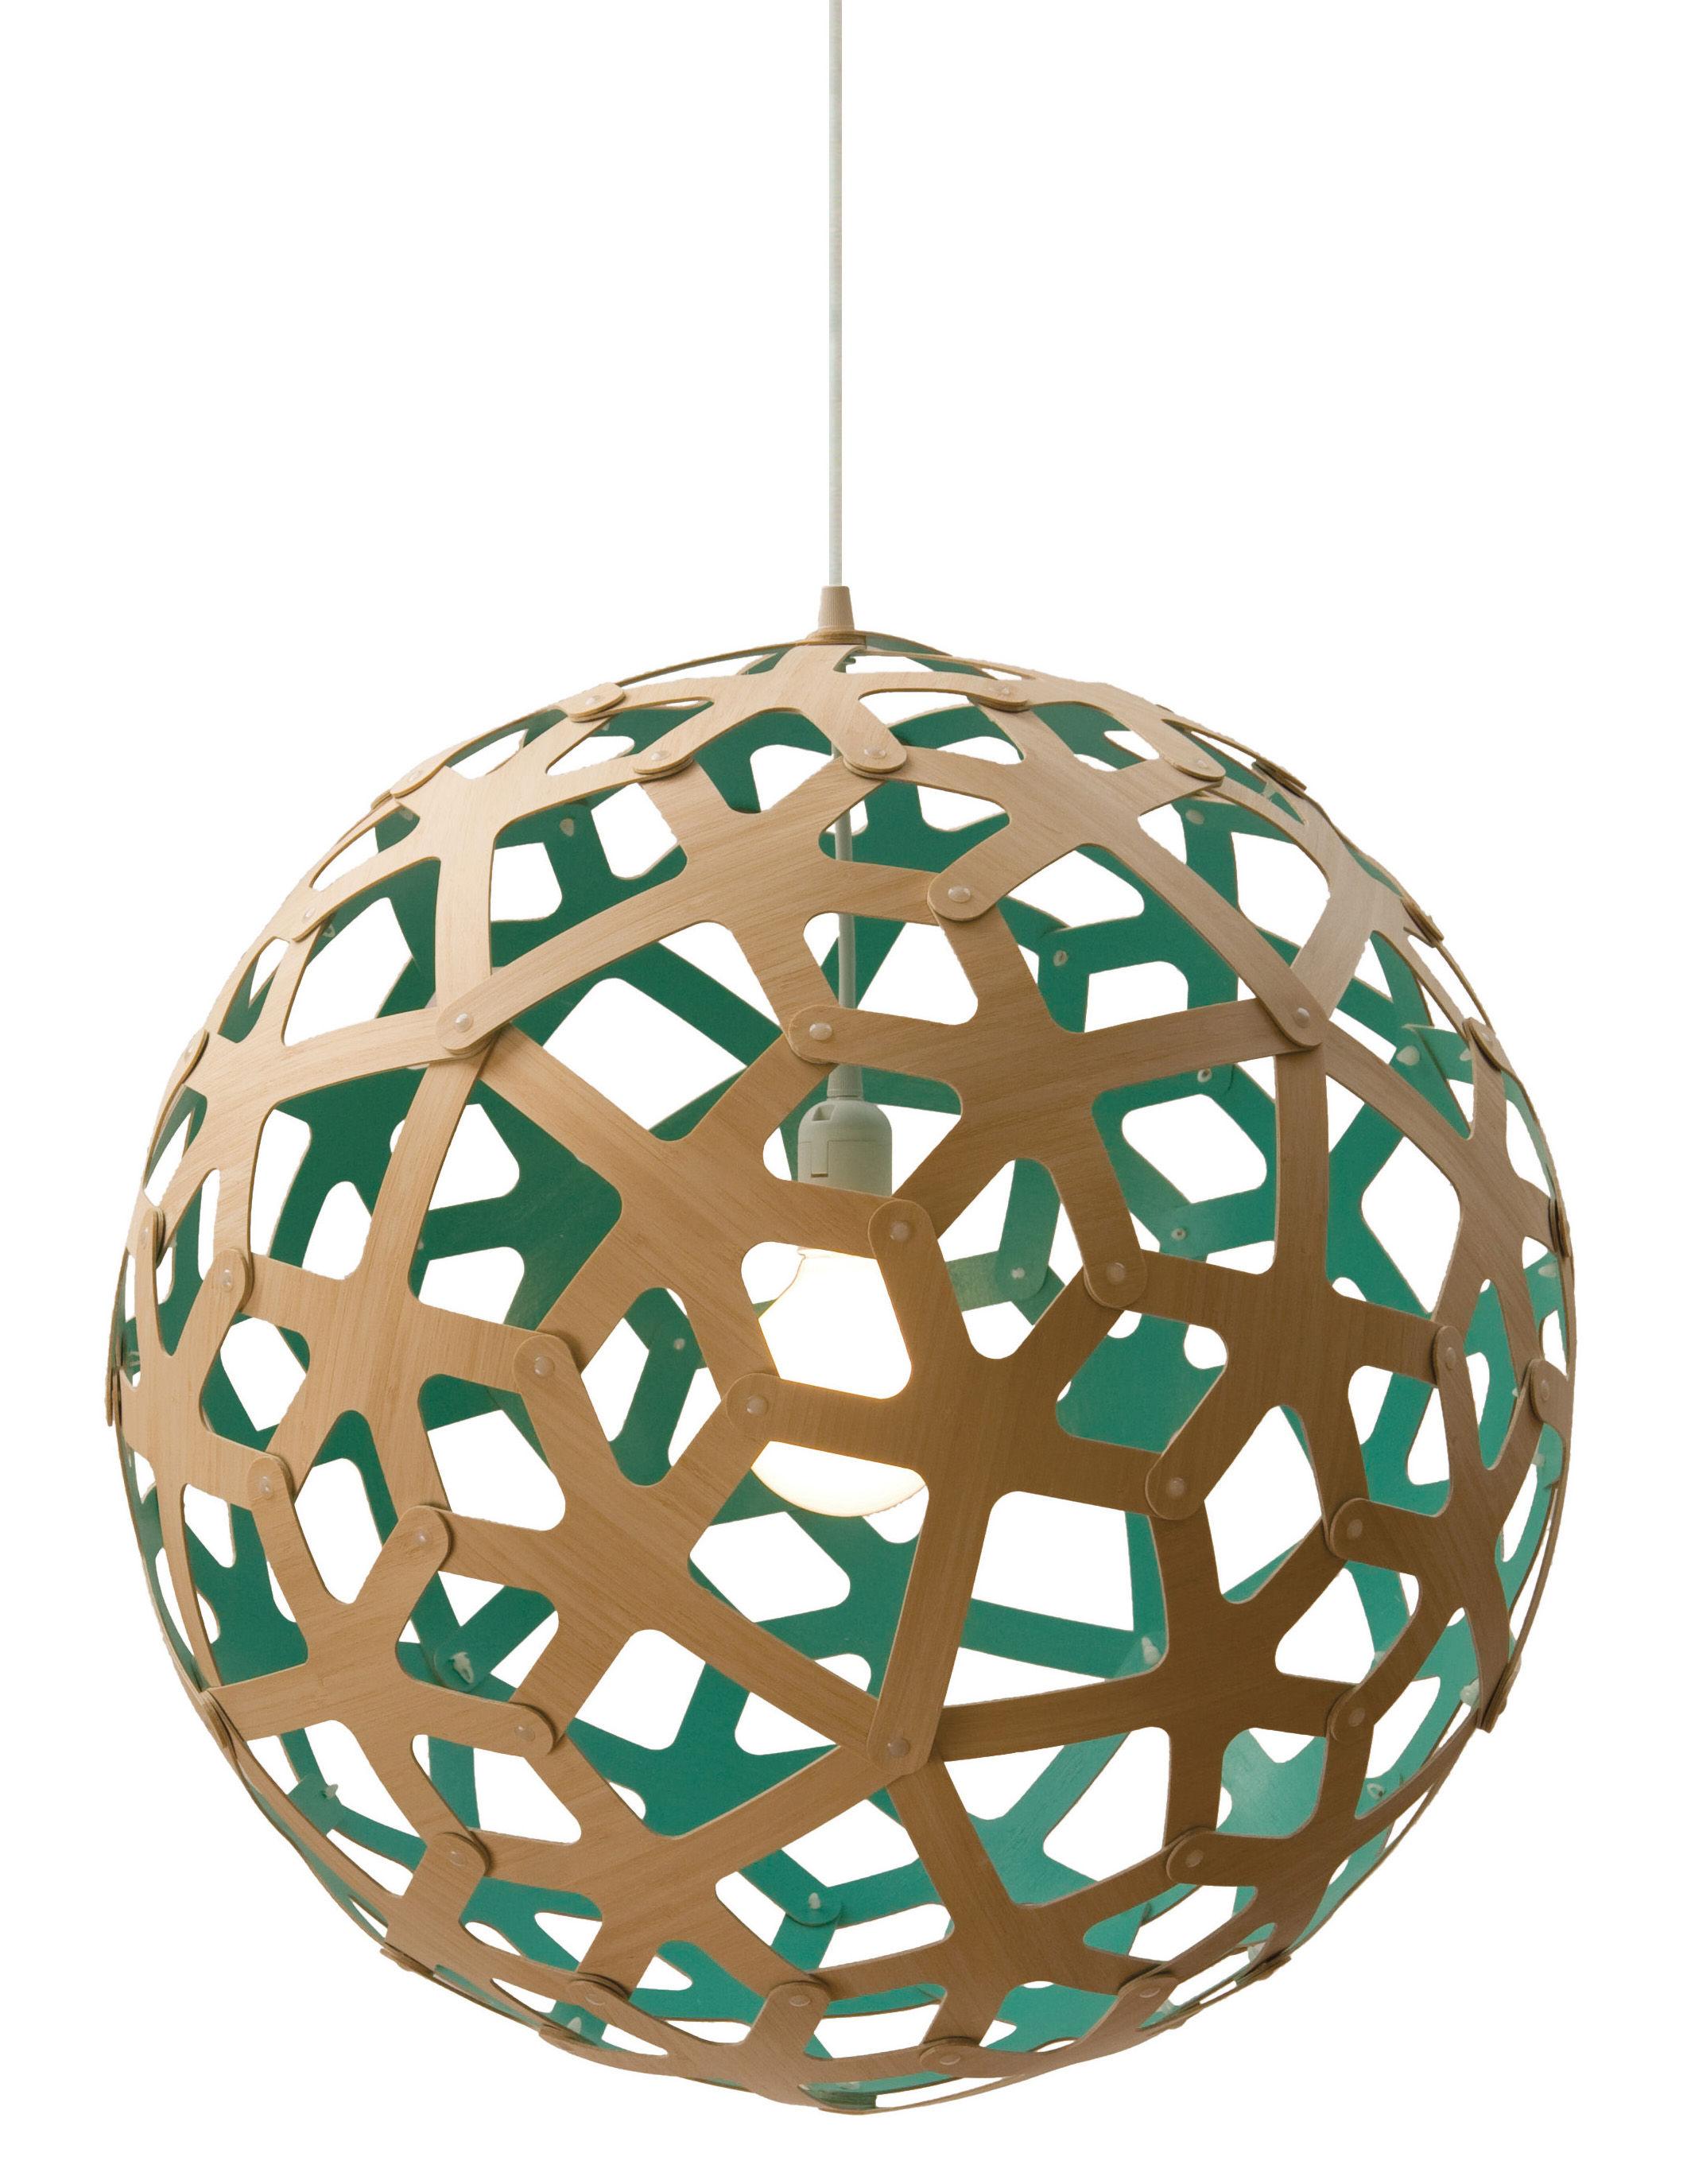 Luminaire - Suspensions - Suspension Coral / Ø 60 cm - Bicolore vert d'eau & bois - David Trubridge - Vert d'eau / Bois naturel - Pin